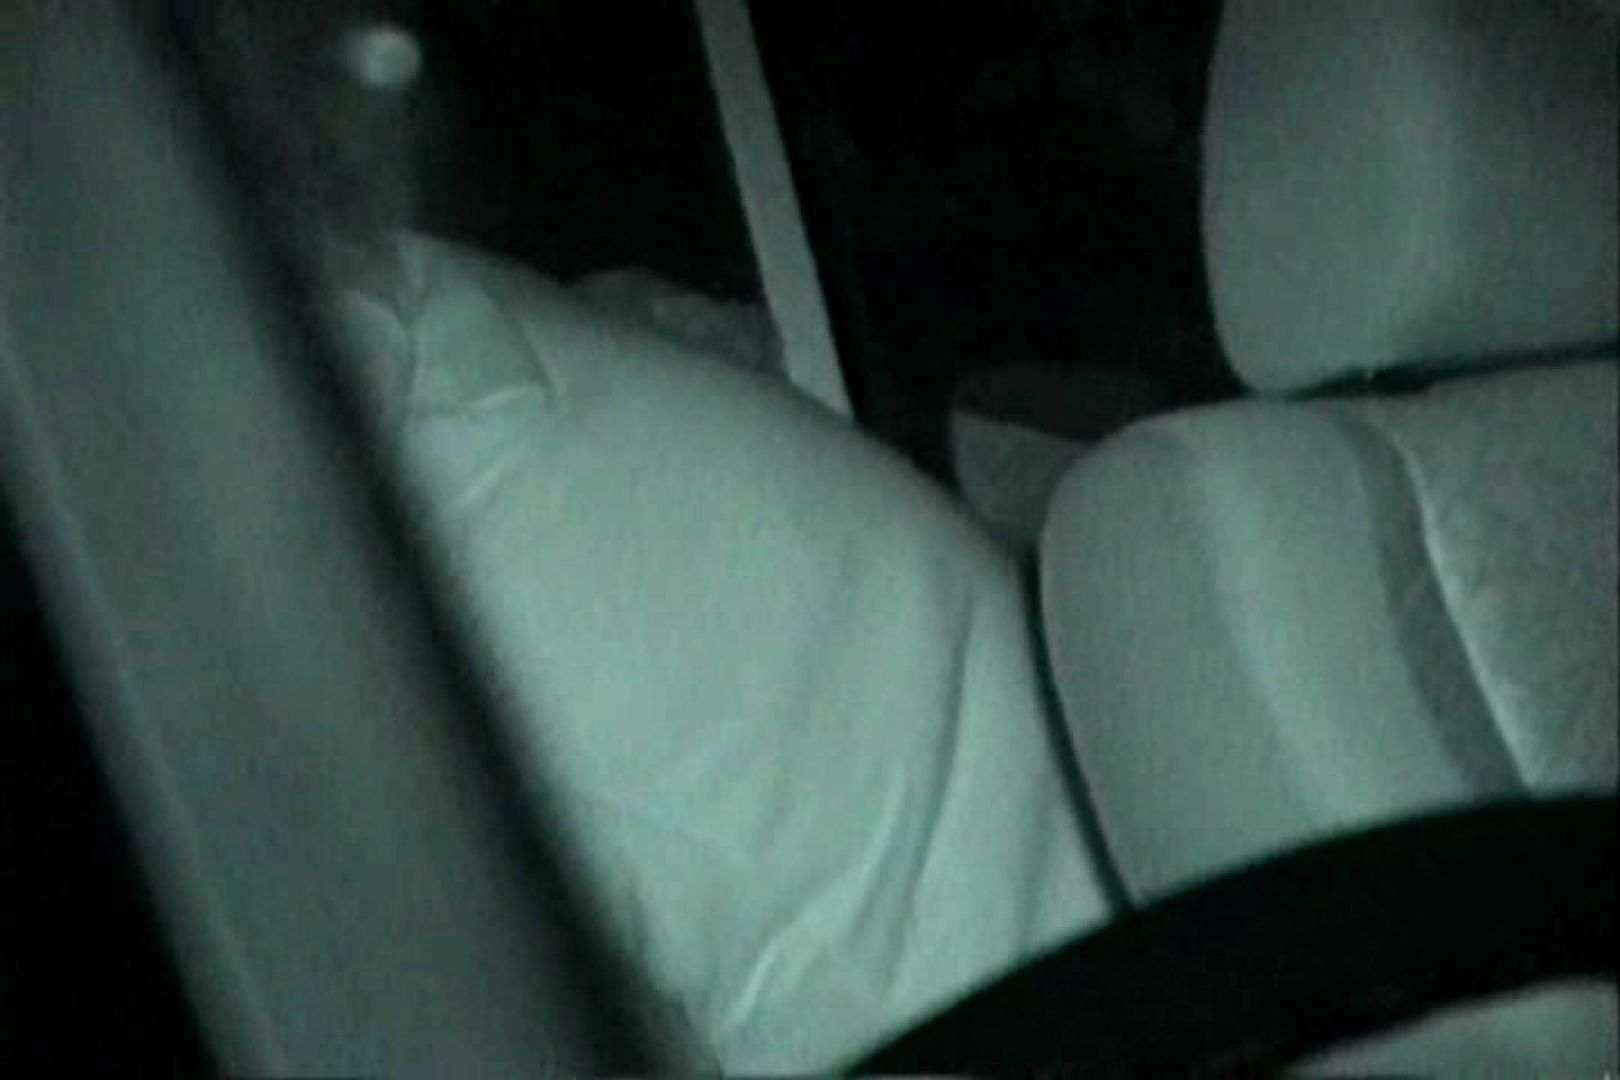 充血監督の深夜の運動会Vol.126 OLセックス 盗撮オメコ無修正動画無料 84画像 68